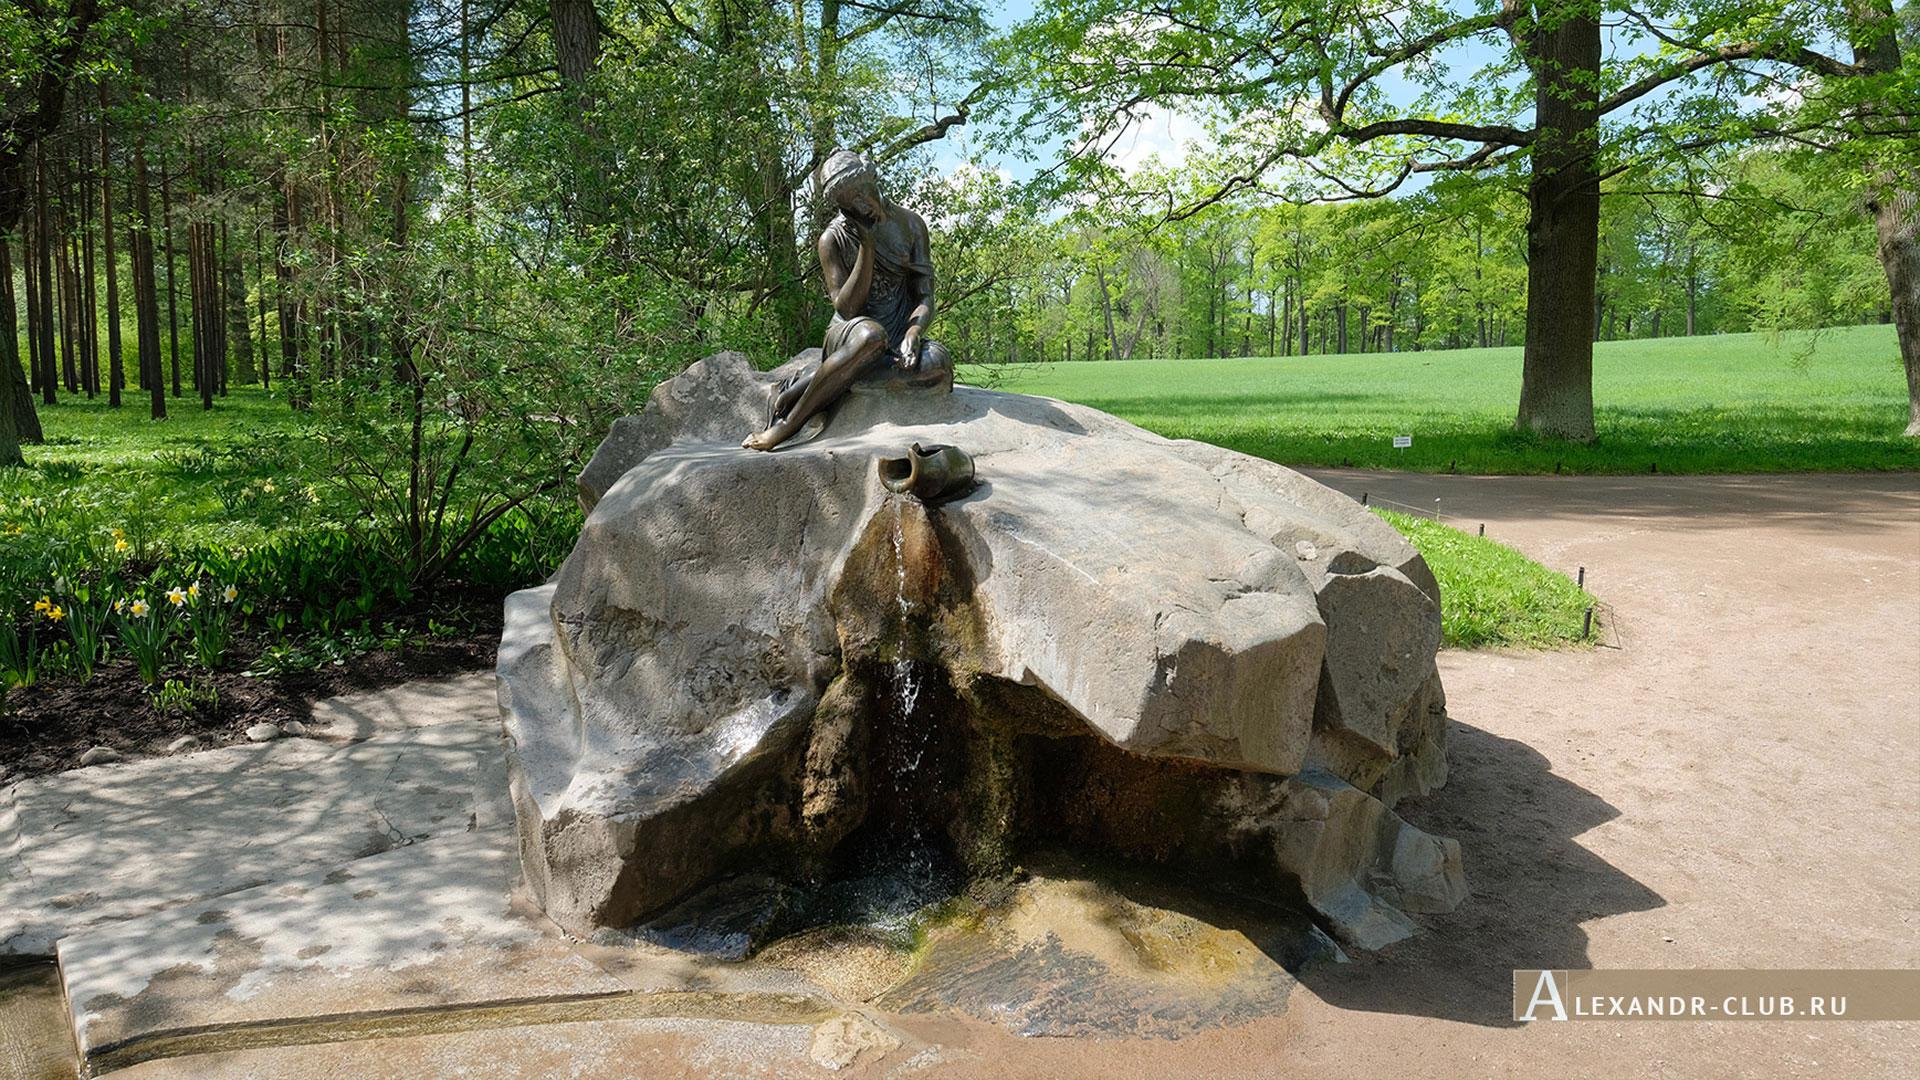 Царское Село, весна, Екатерининский парк, фонтан «Девушка с кувшином»